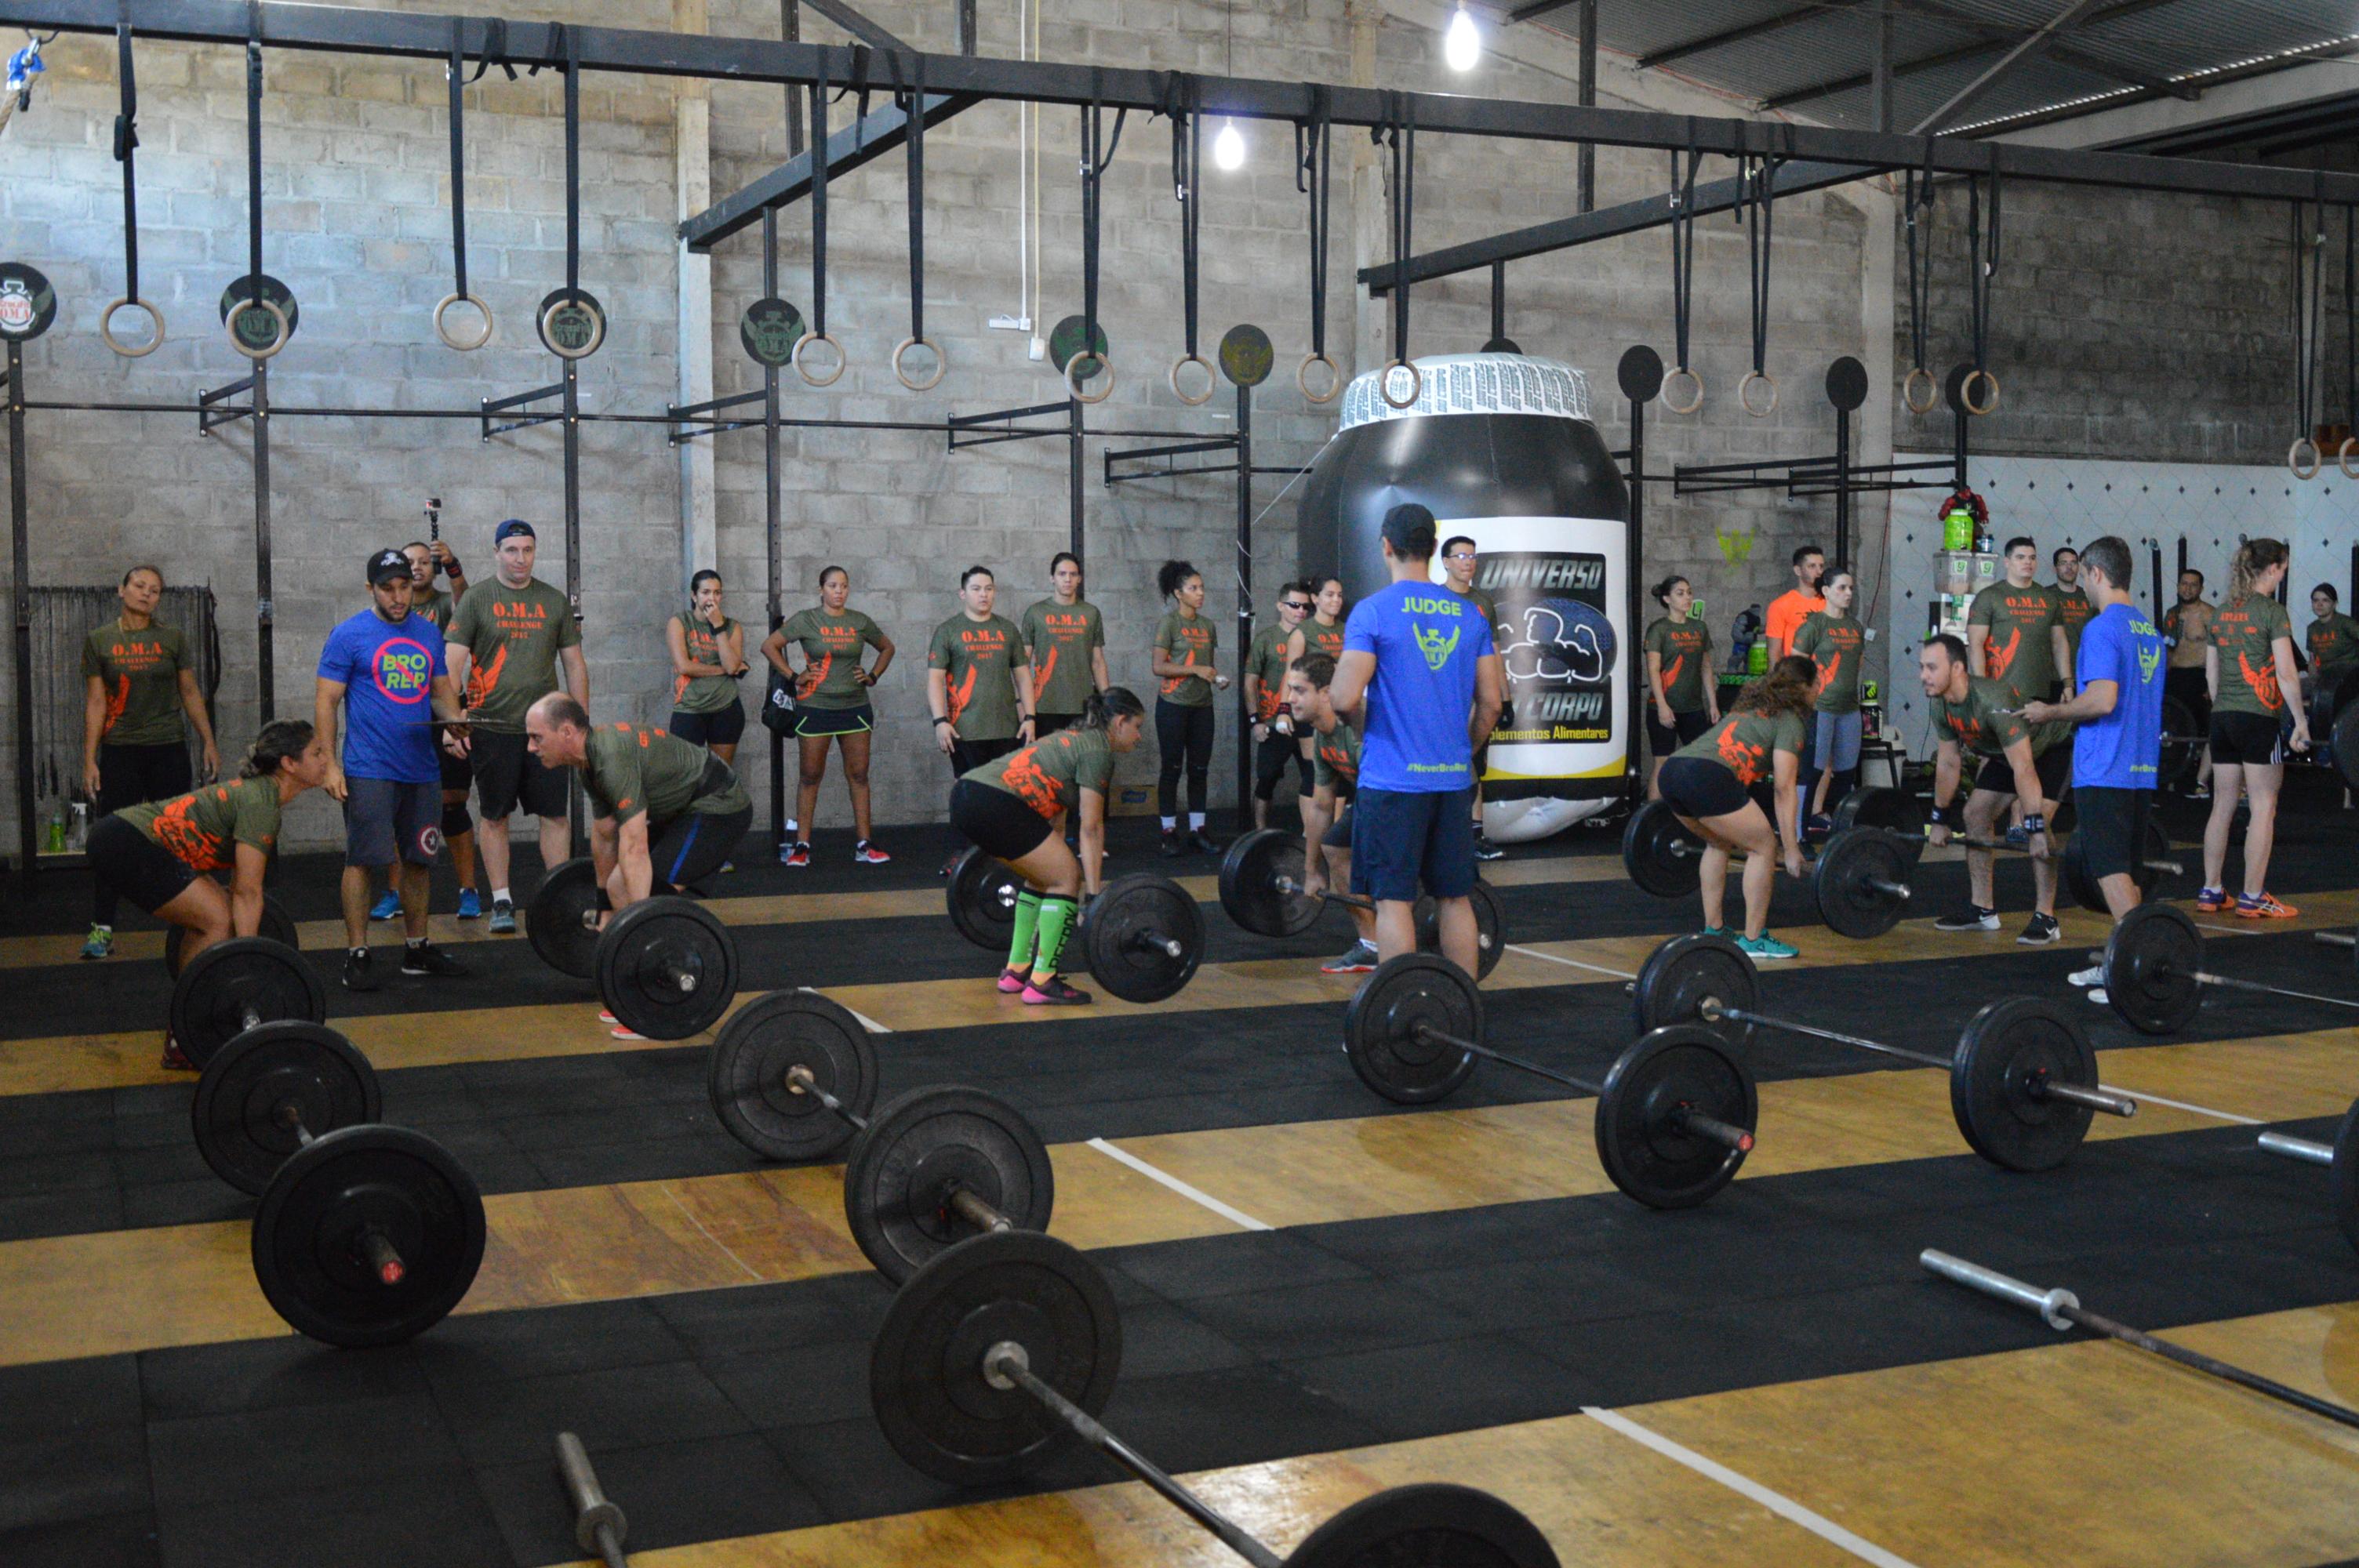 Crossfit Esporte Paixão Comunidade Cidadão Cultura